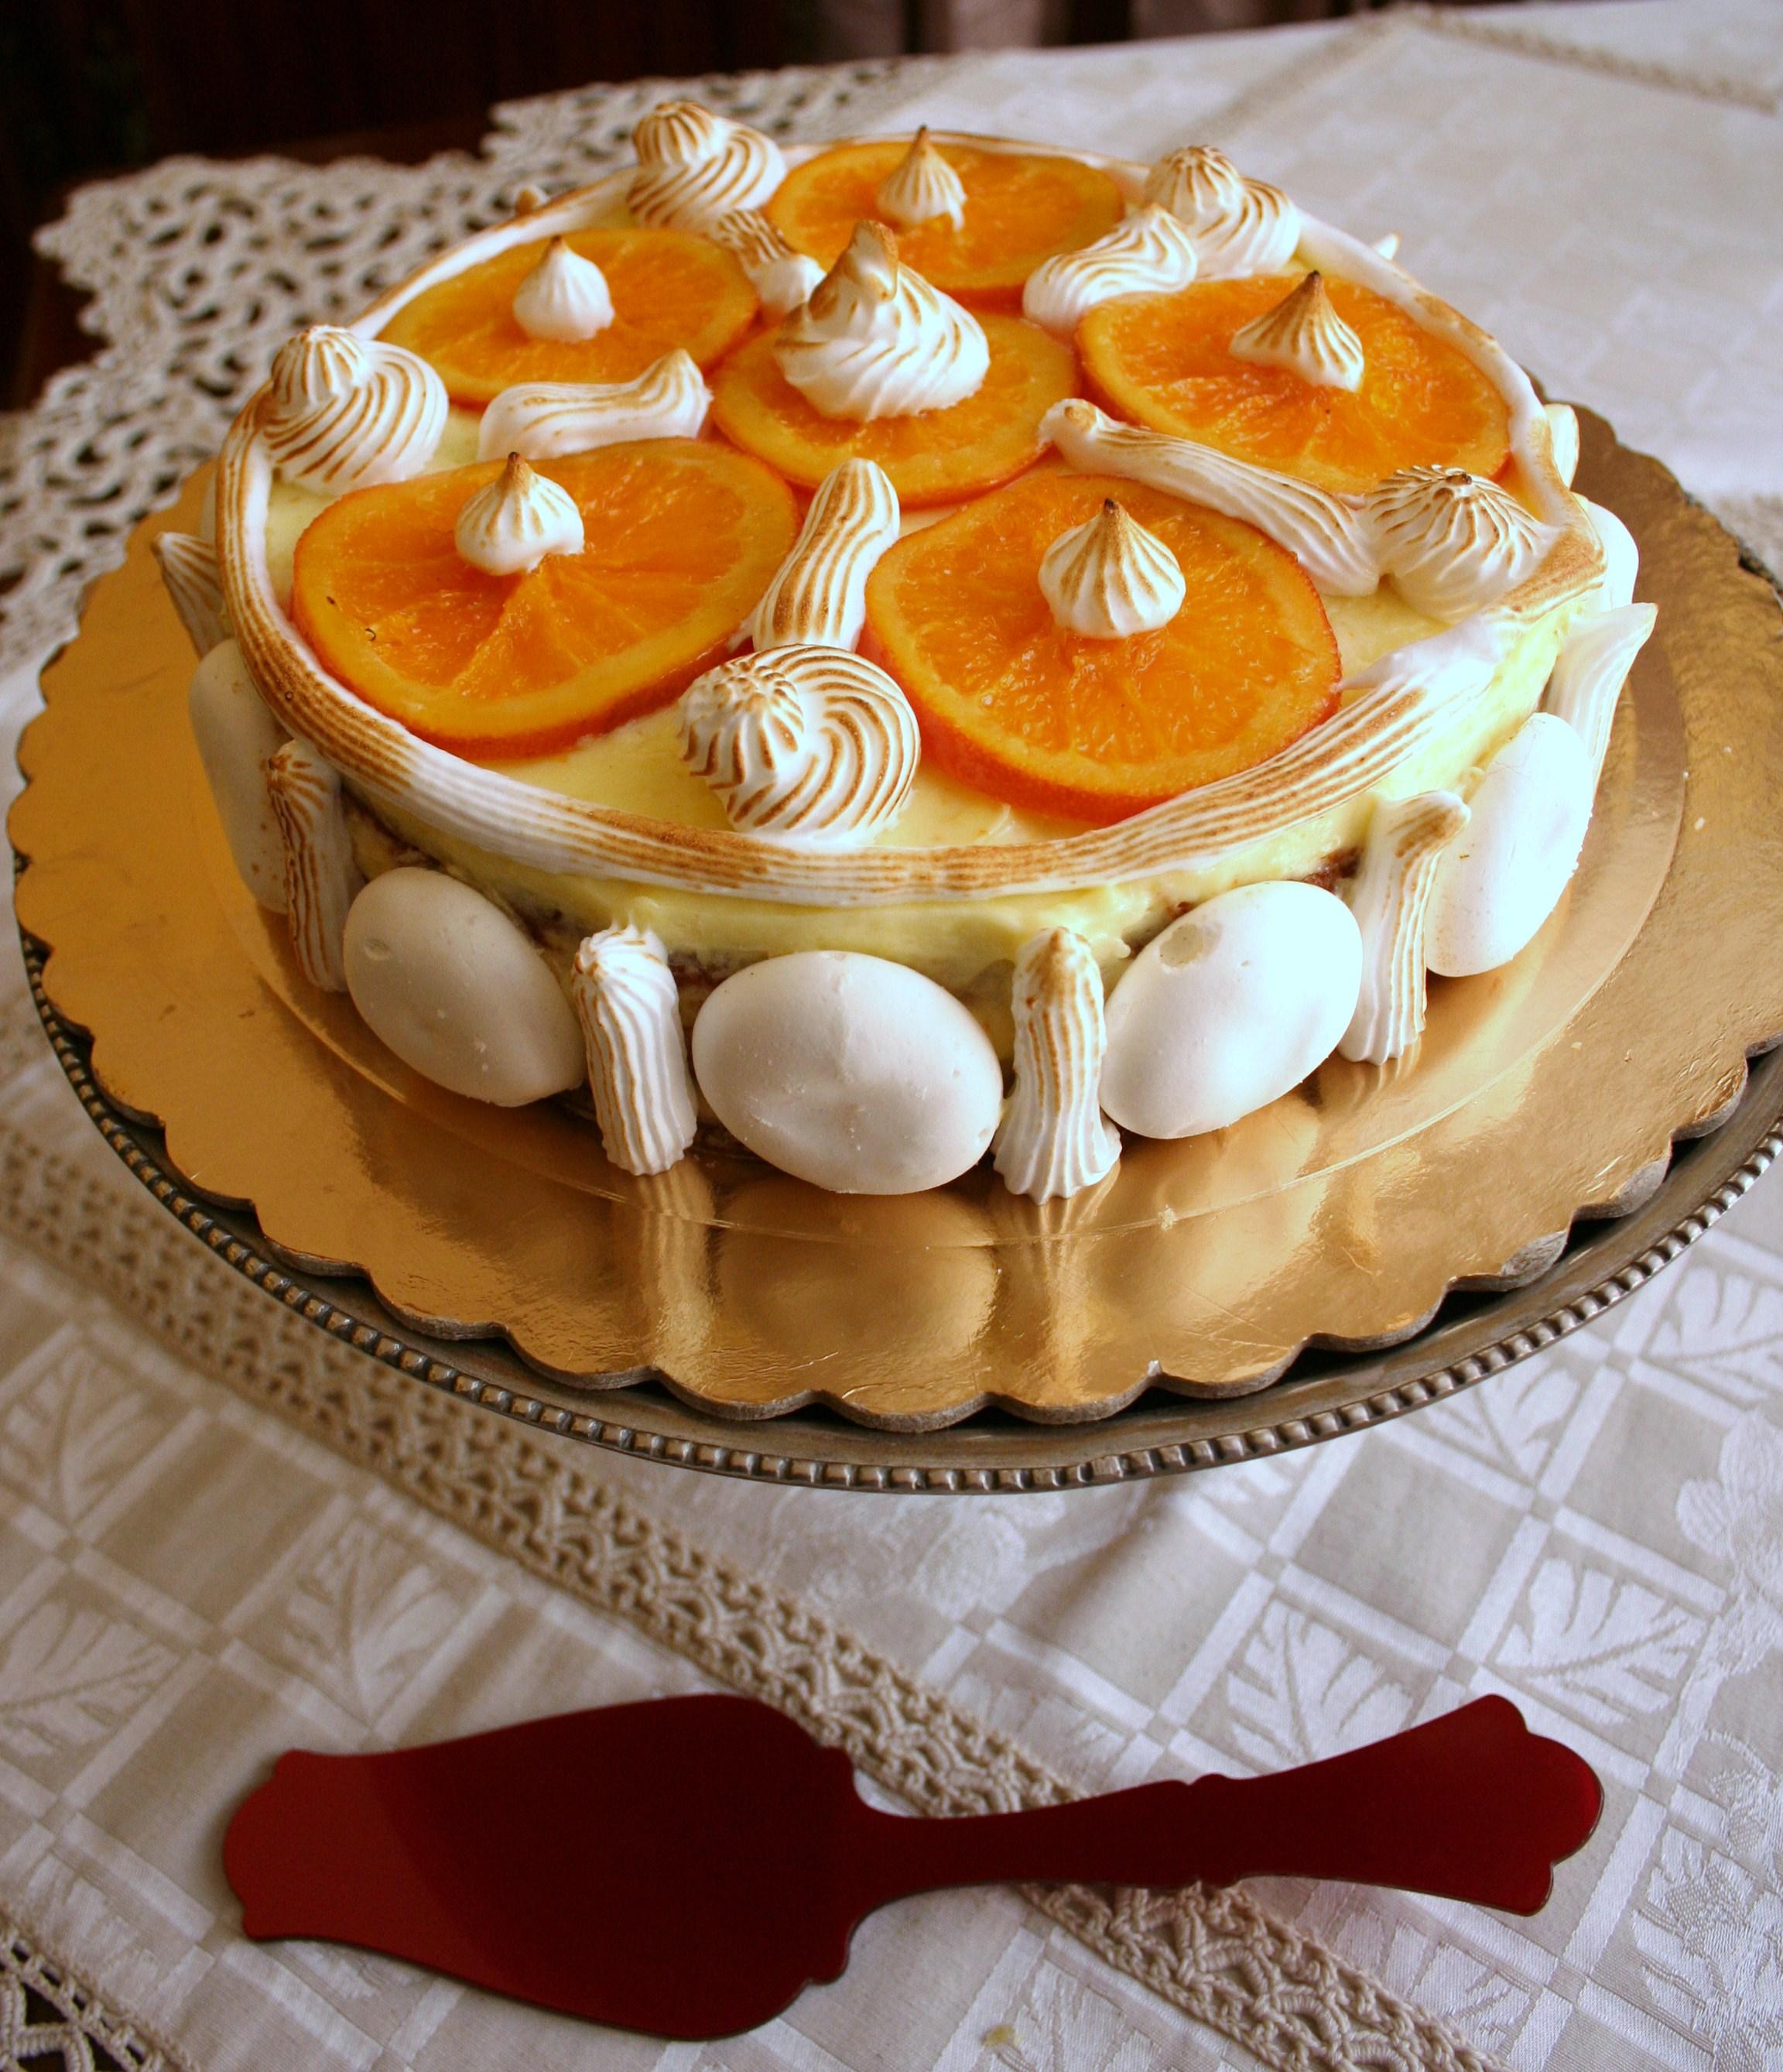 Torta al cioccolato bianco con chiboust all'arancia e arance caramellate - Cardamomo & co